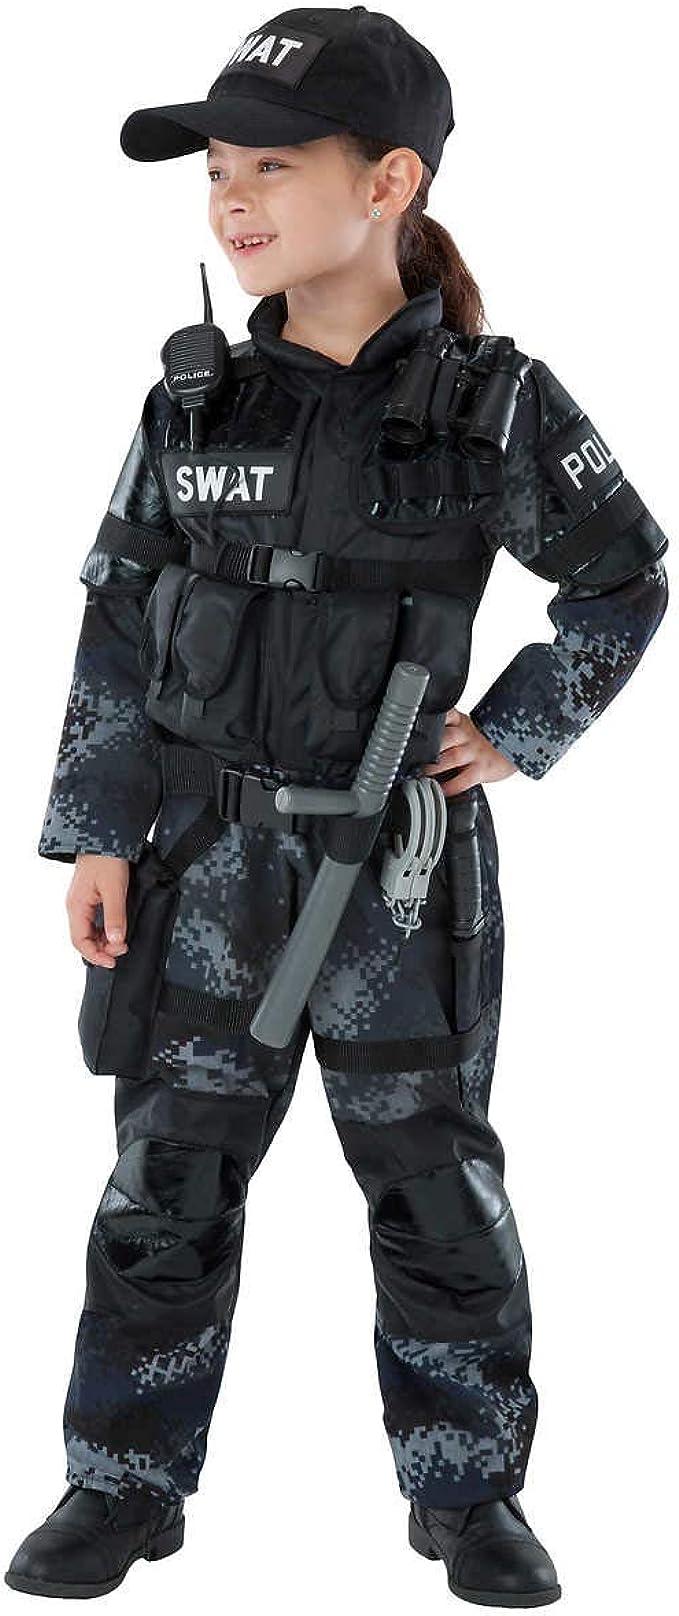 Teetot & Co. Disfraz de Equipo SWAT para niños, Negro, 3/4: Amazon ...